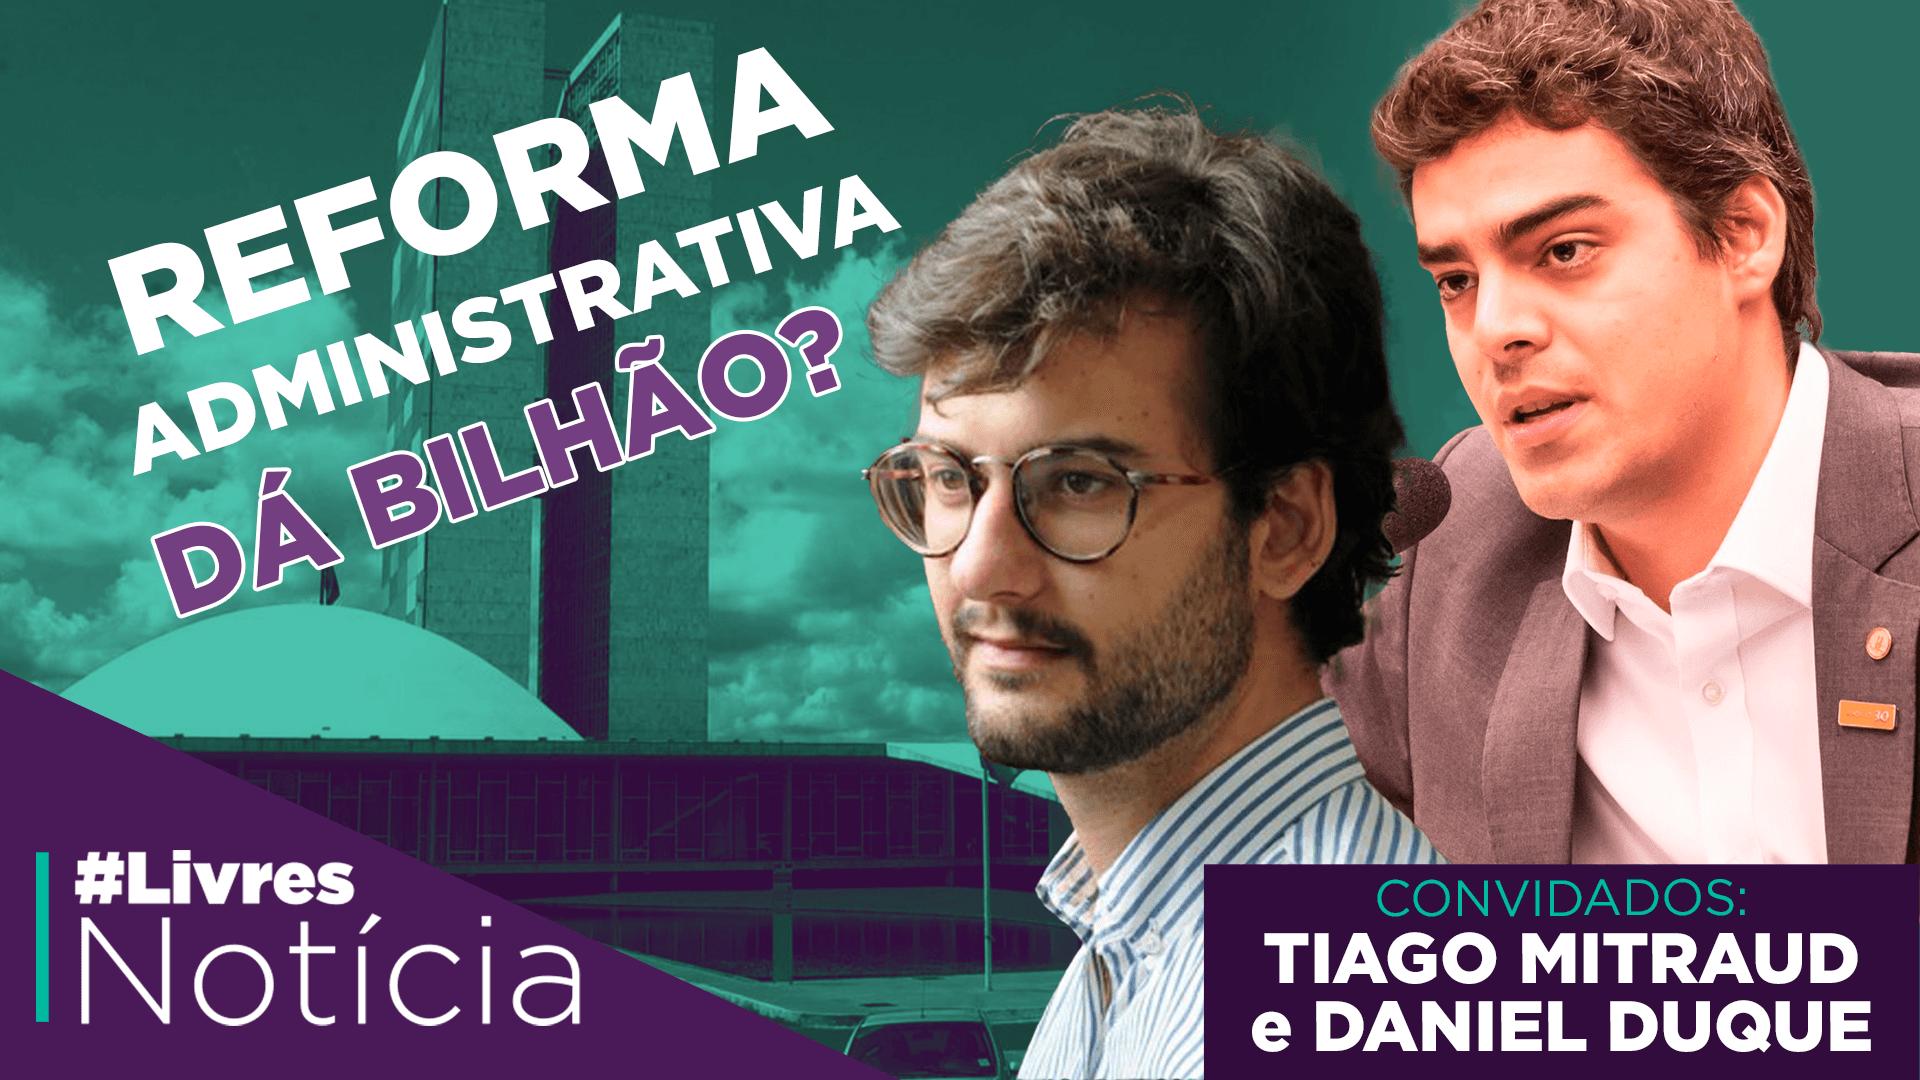 Reforma administrativa com Daniel Duque e Tiago Mitraud | LivresNotícia AO VIVO – 28/09